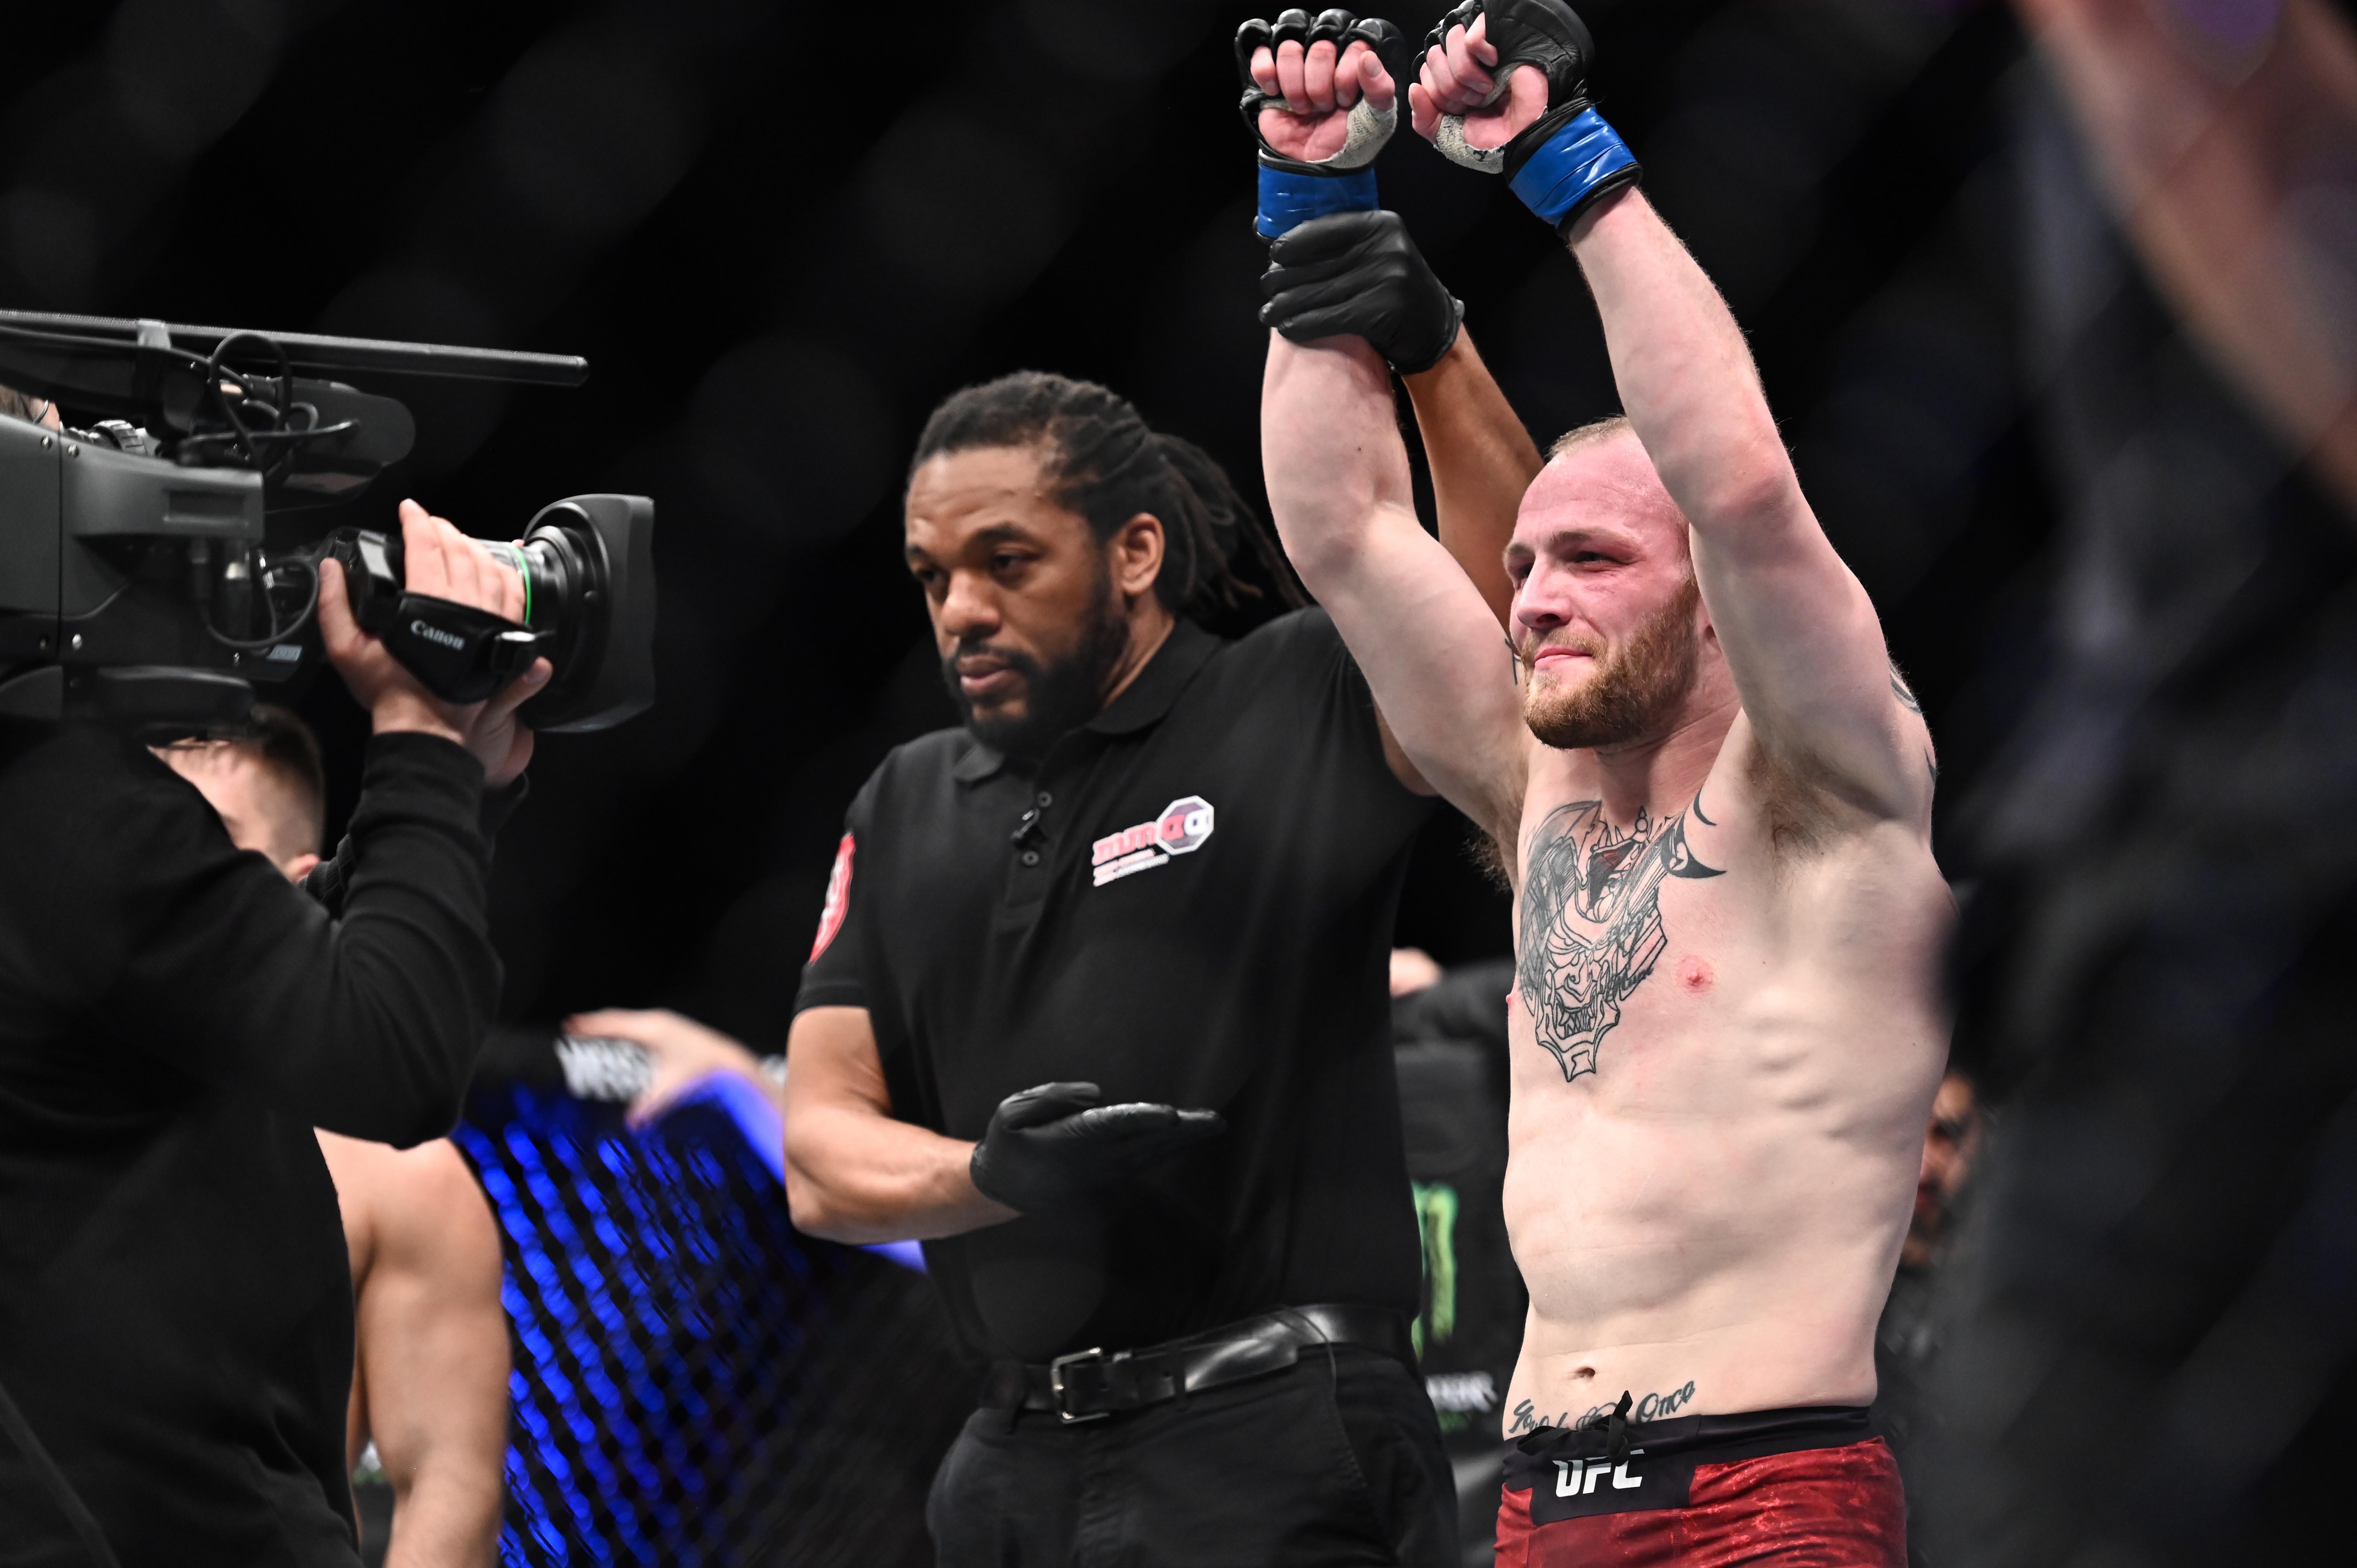 The Livest Dog at UFC Ige vs Kattar: Chris Fishgold